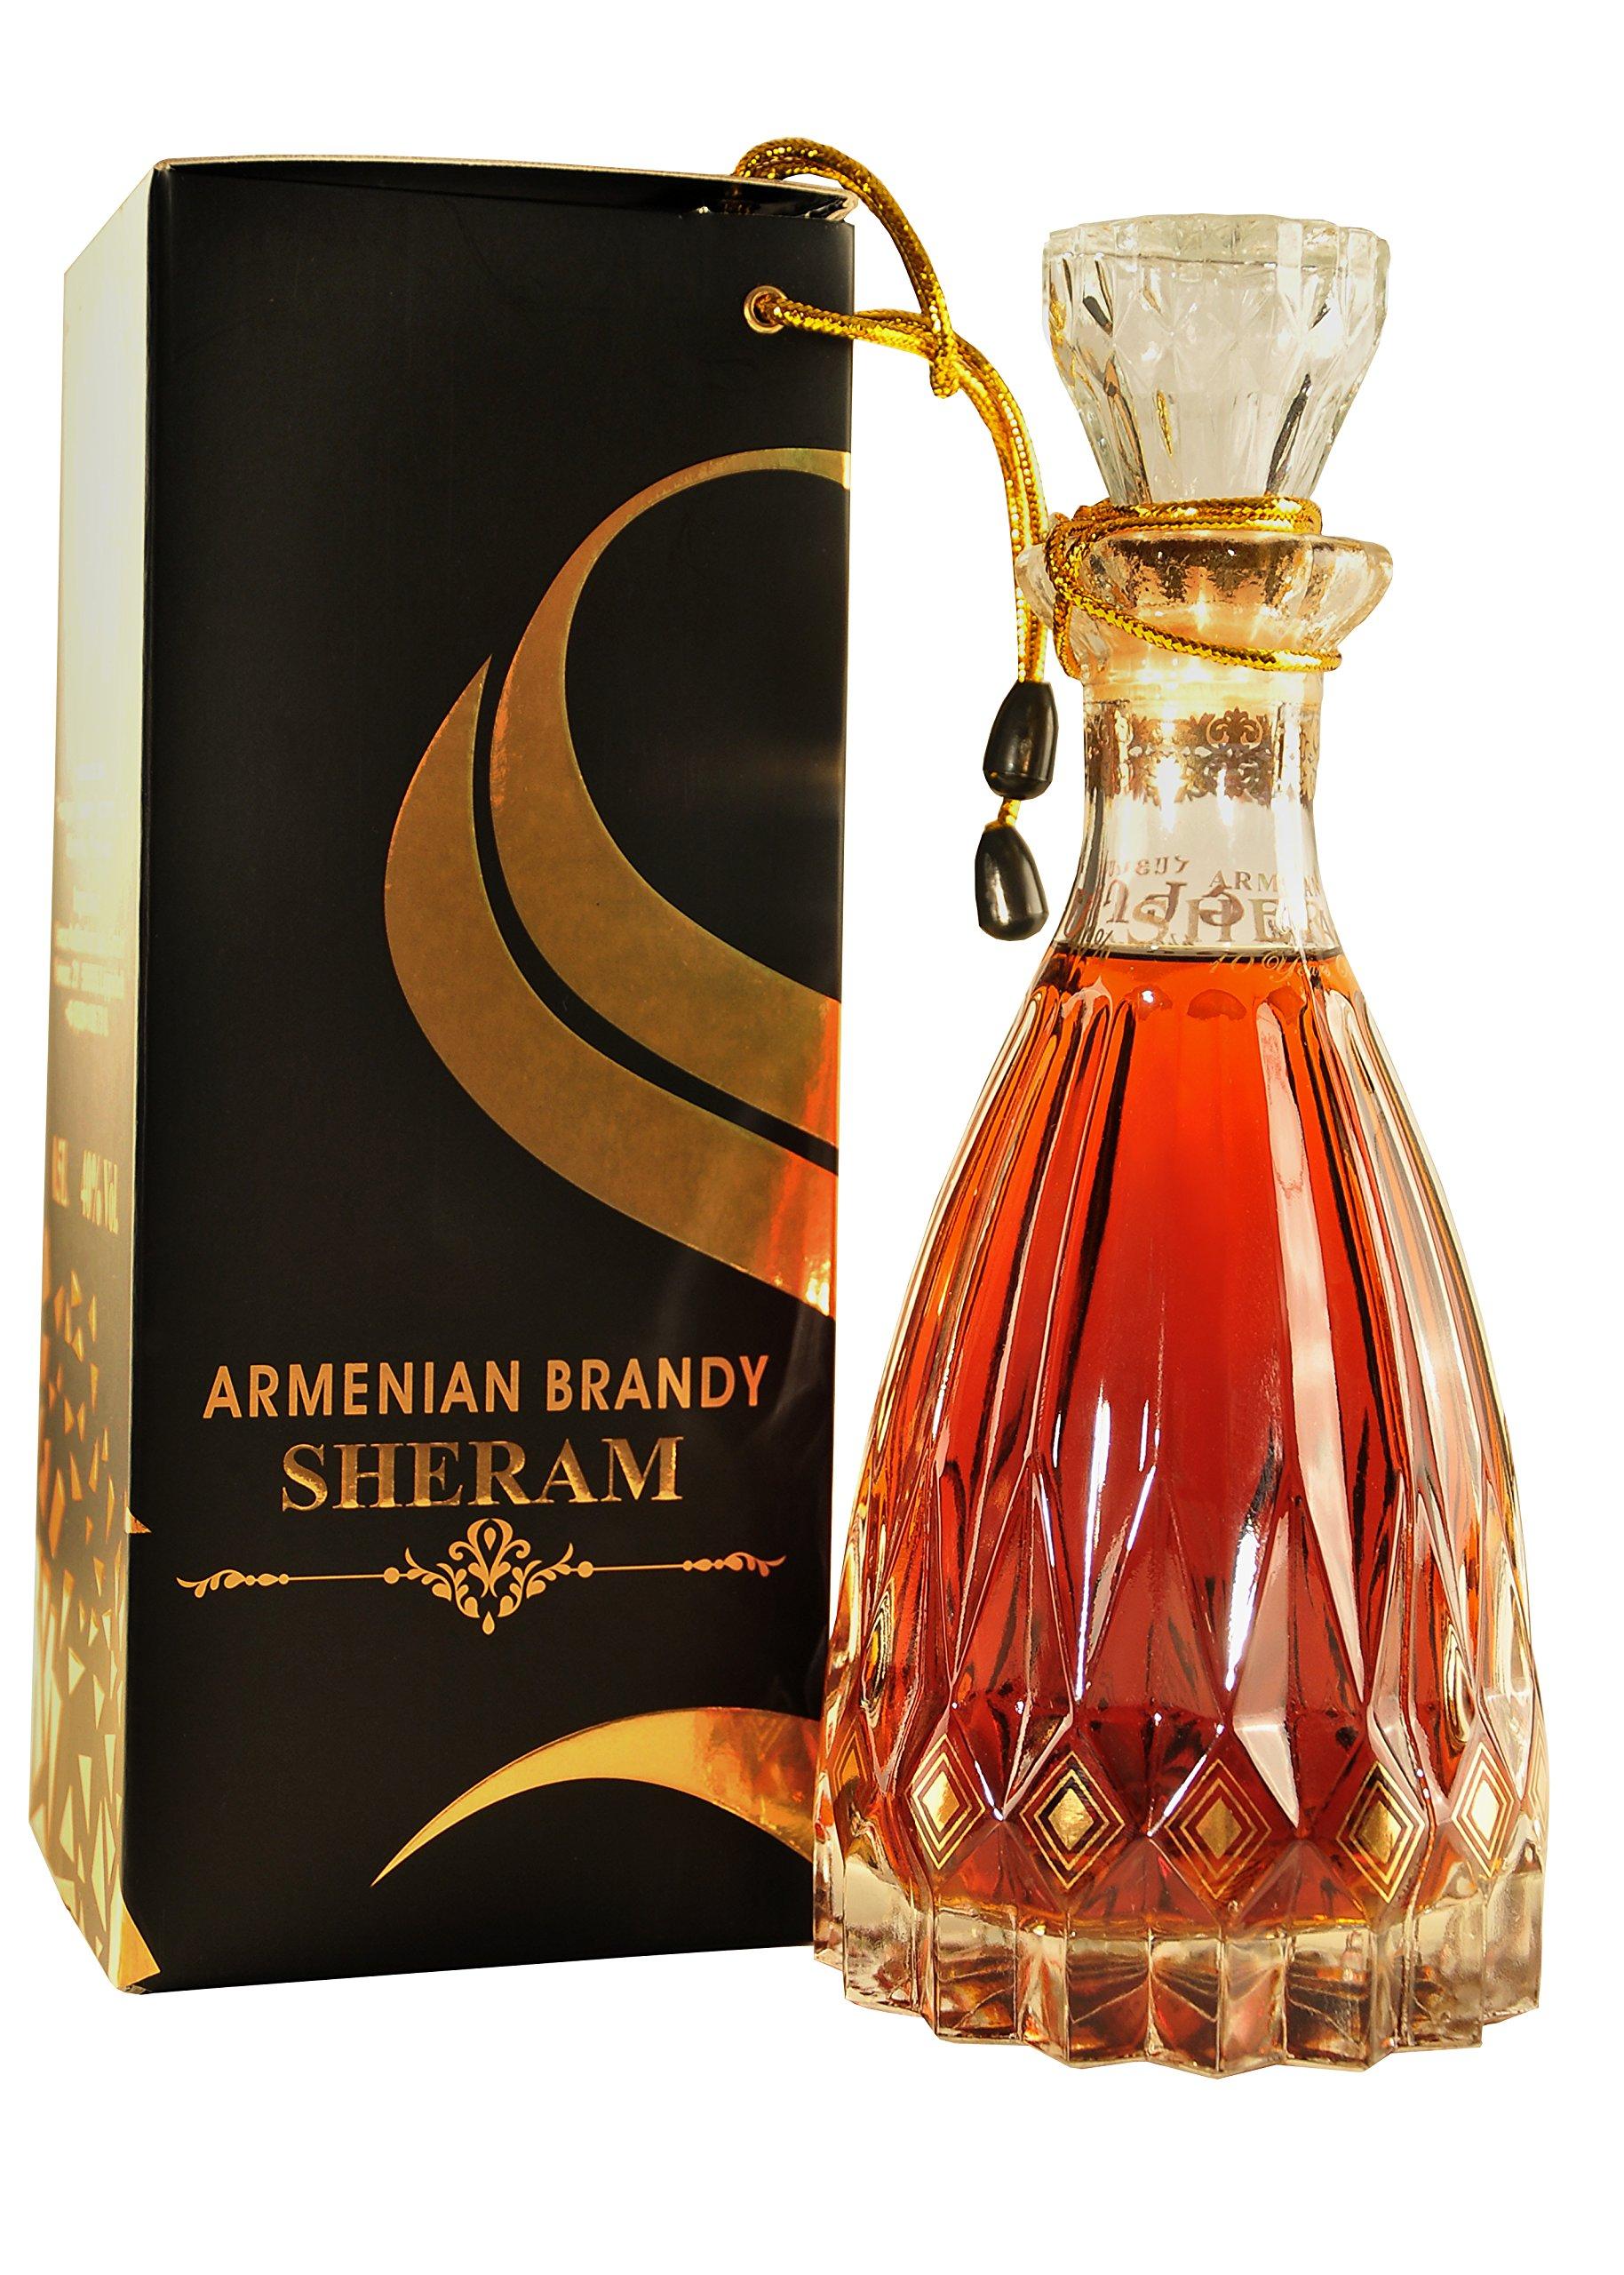 Armenischer-Brandy-Sheram-05L-Flasche-40-Alk-10-Jahre-gereift